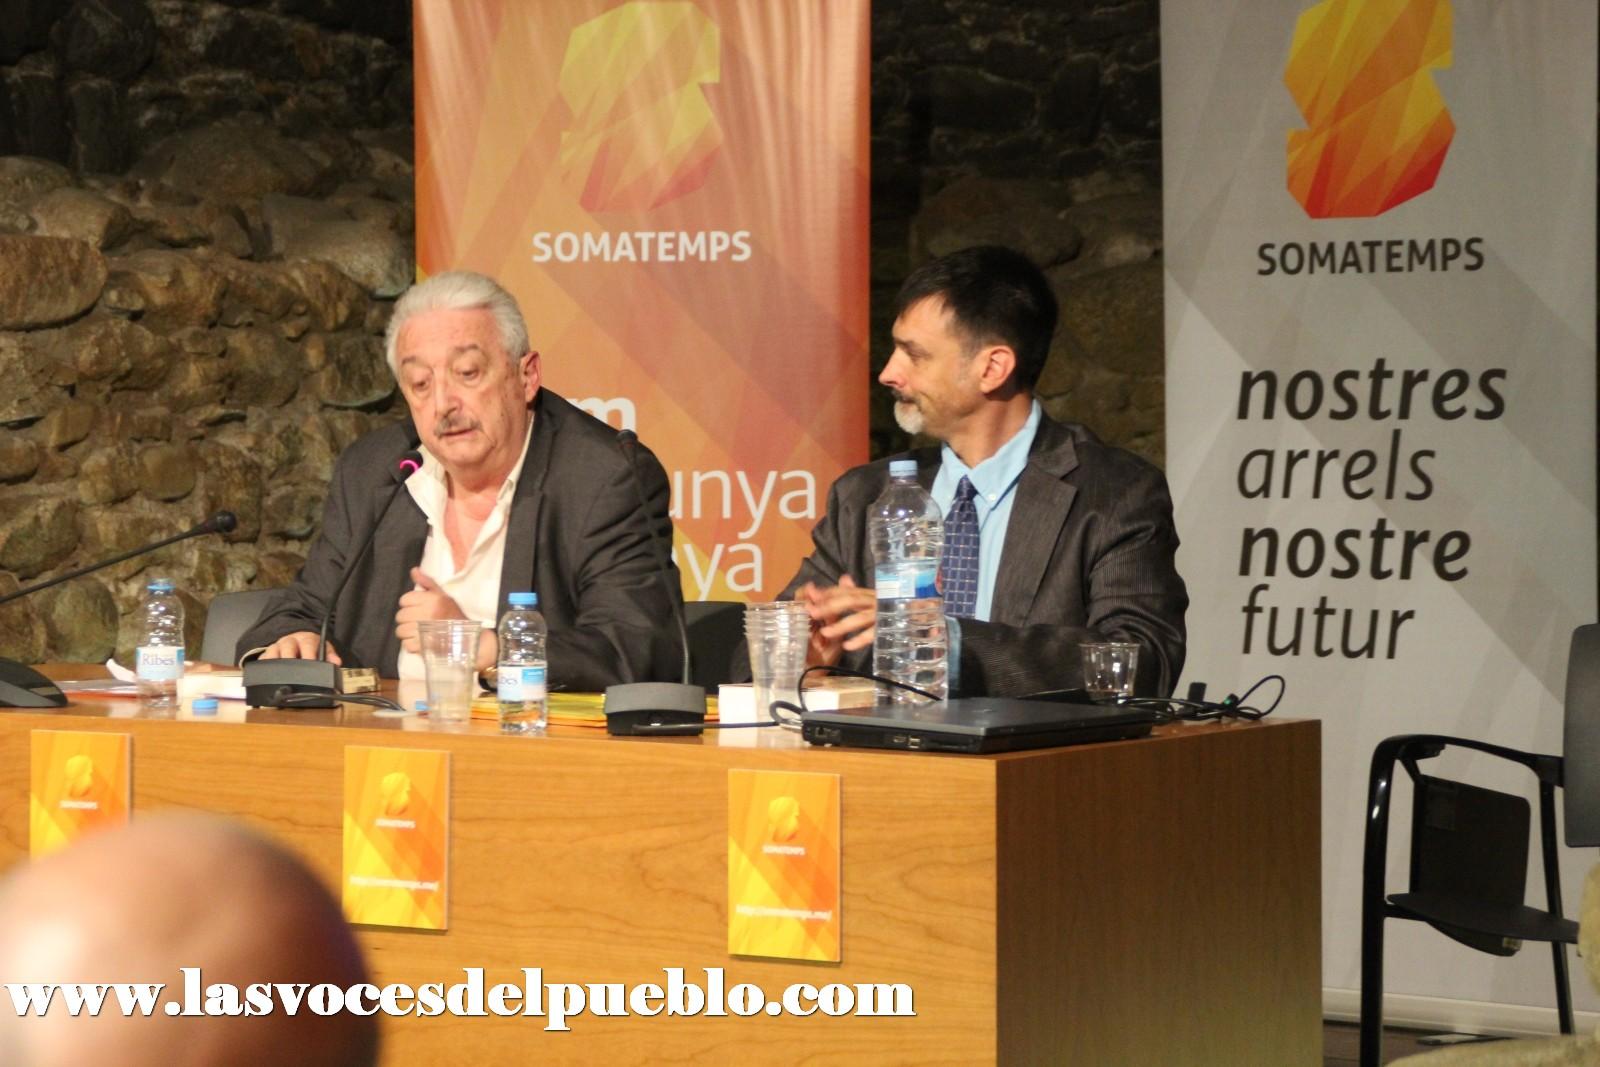 las voces del pueblo_I Congreso de Somatemps_Ripoll_Gerona (180)